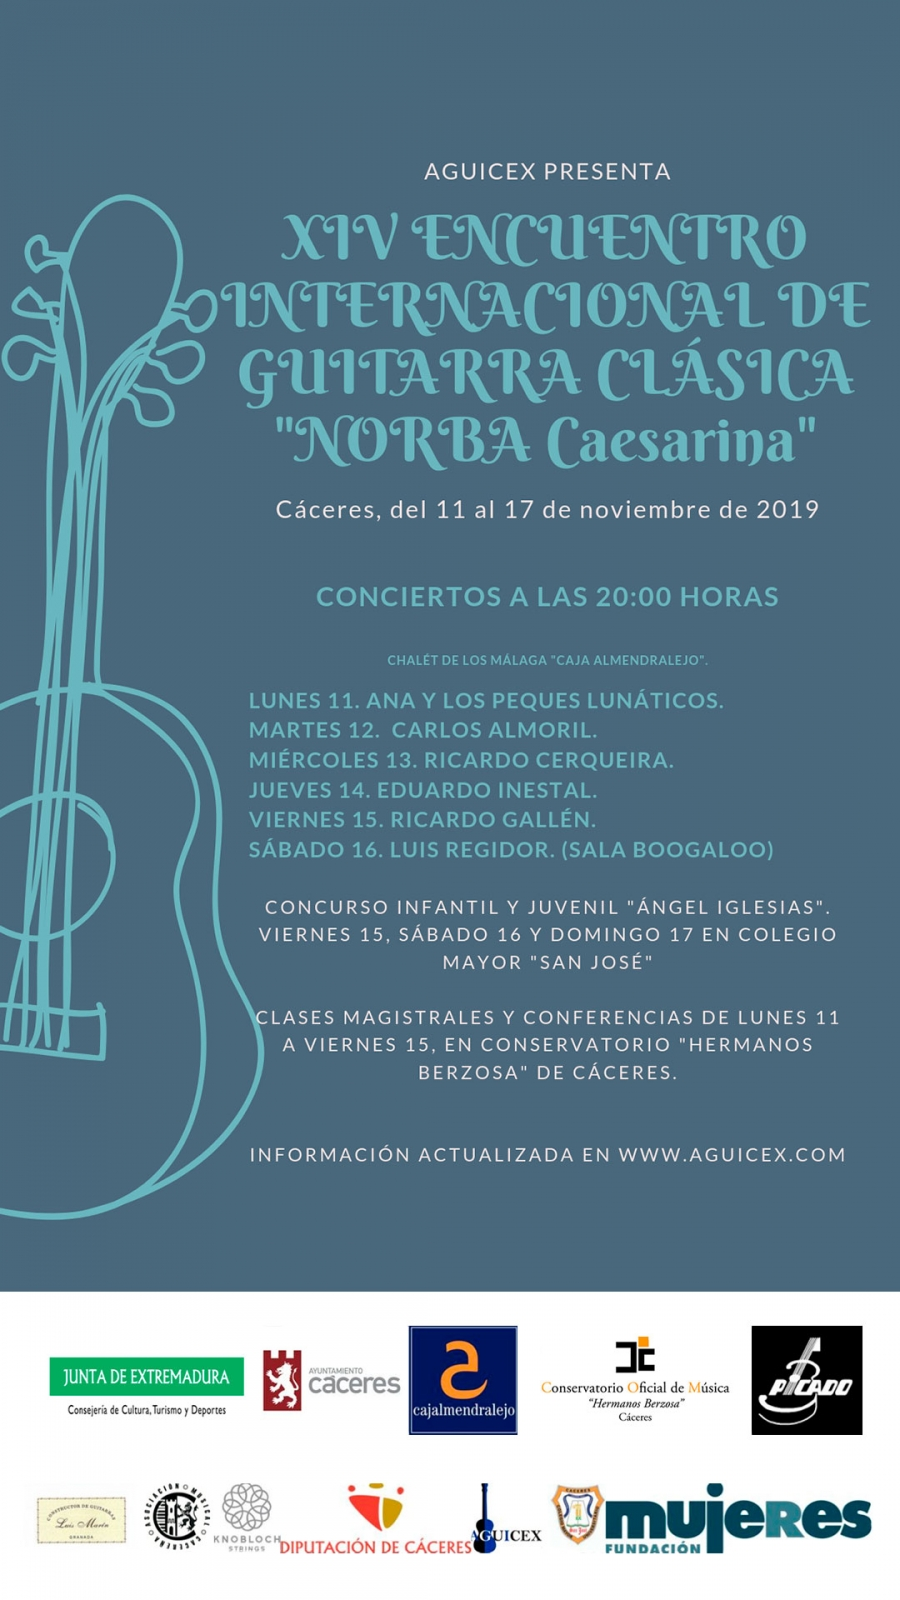 XIV Encuentro Internacional de Guitarra Clásica «Norba Caesarina» 2019 | MIÉRCOLES 13